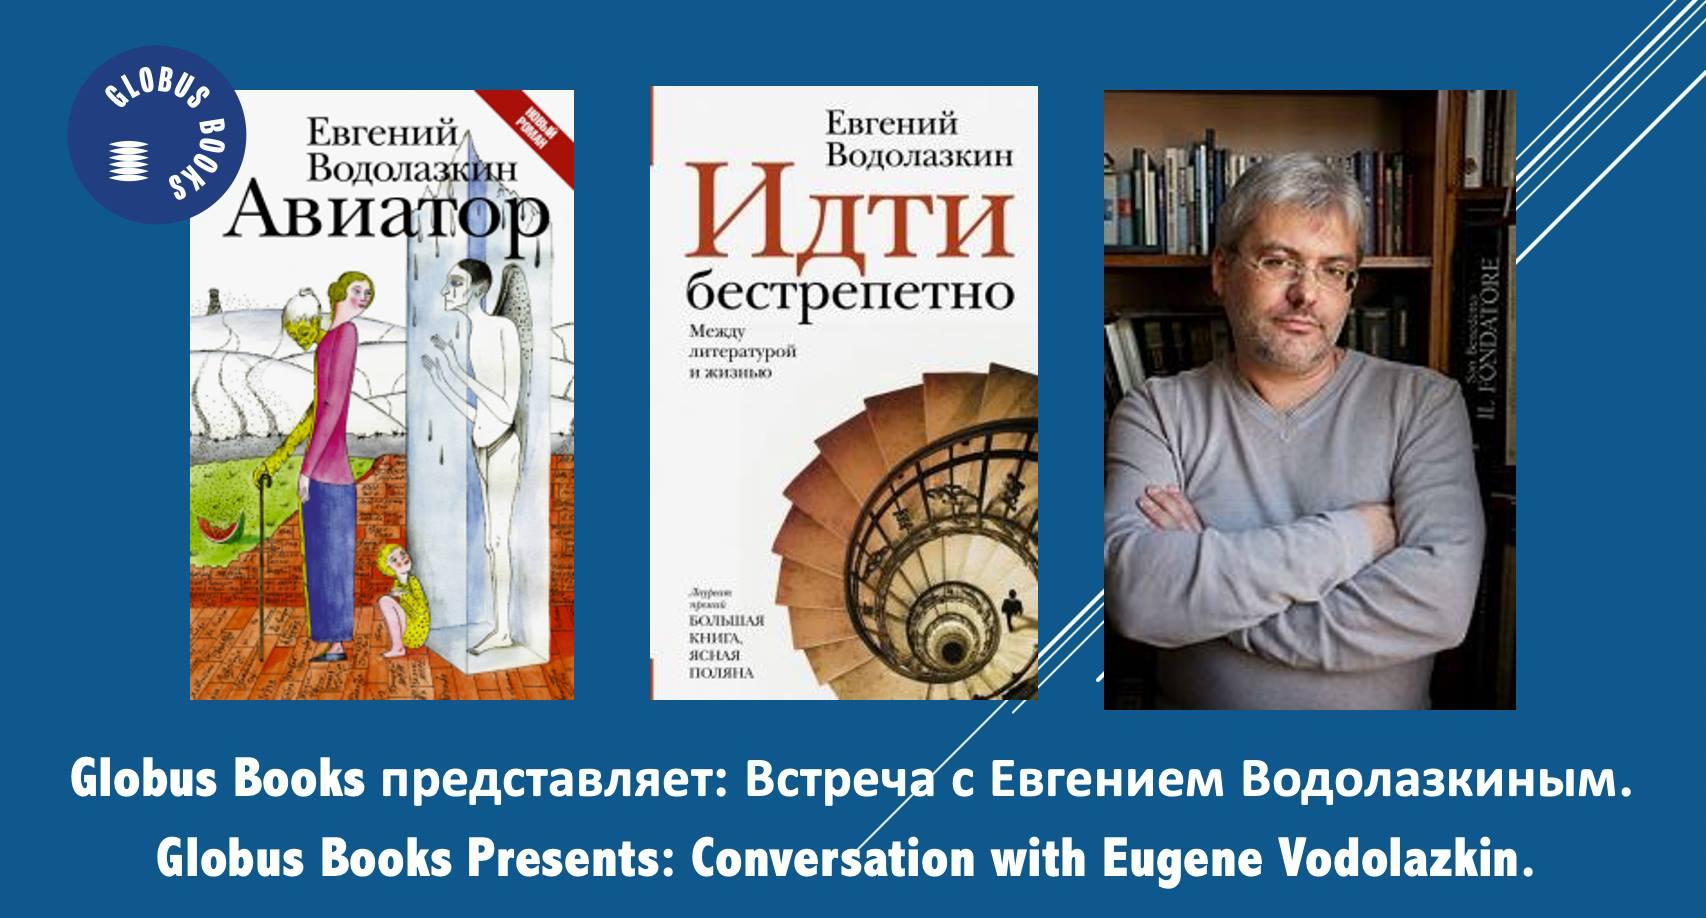 Conversation with Eugene Vodolazkin. Встреча: Евгений Водолазкин. 1 августа